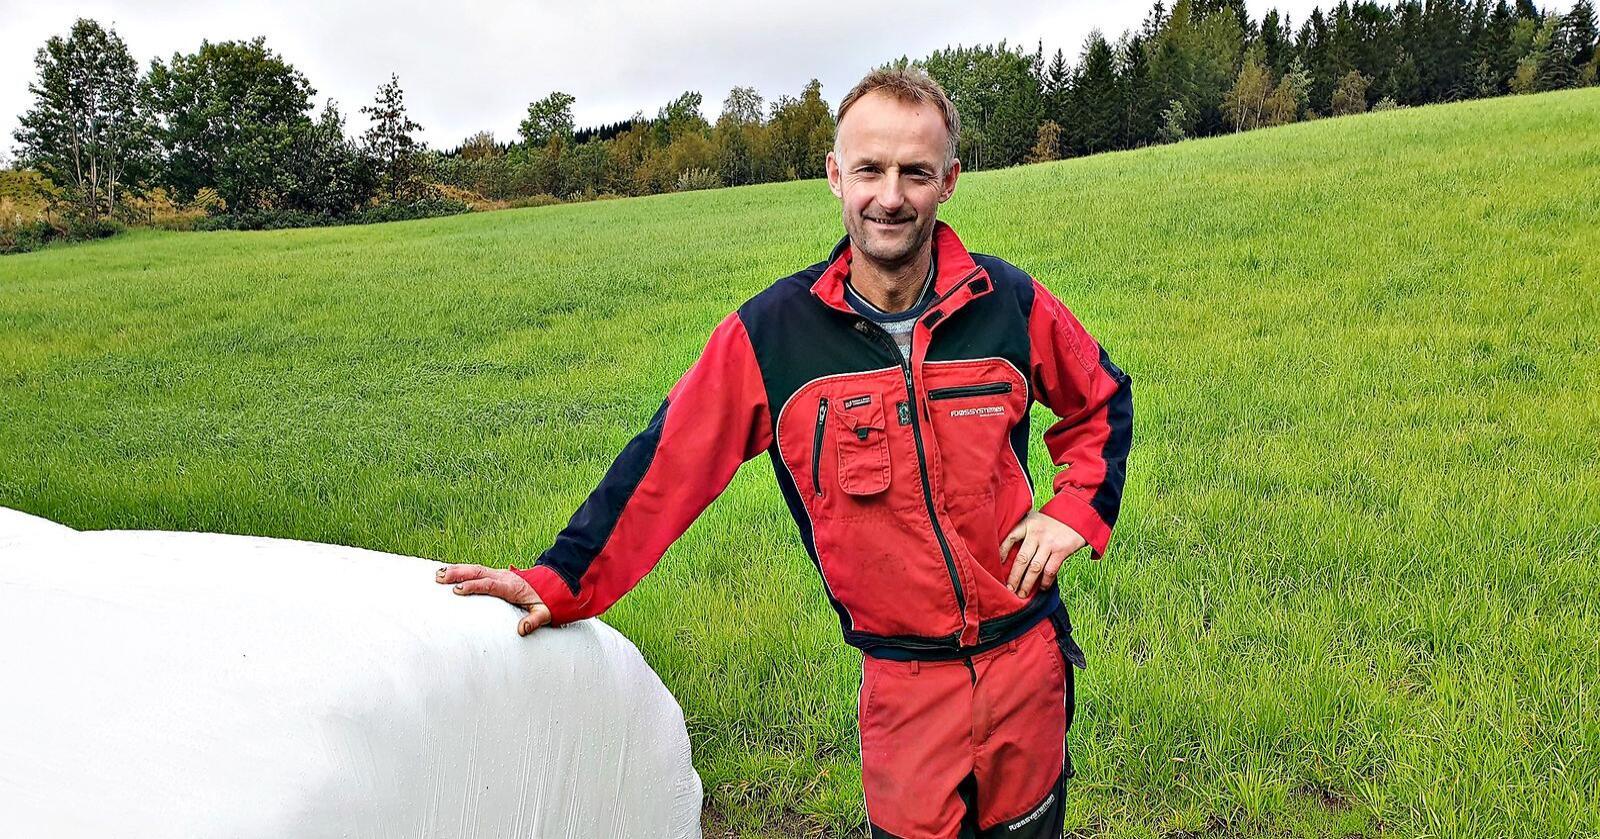 Viktige: 15-30-kyrsbruka er ryggrada i melkeproduksjonen. Det er de vi må lykkes med, mener Anders Felde, leder i Sogn og Fjordane Bondelag. (Foto: Privat)